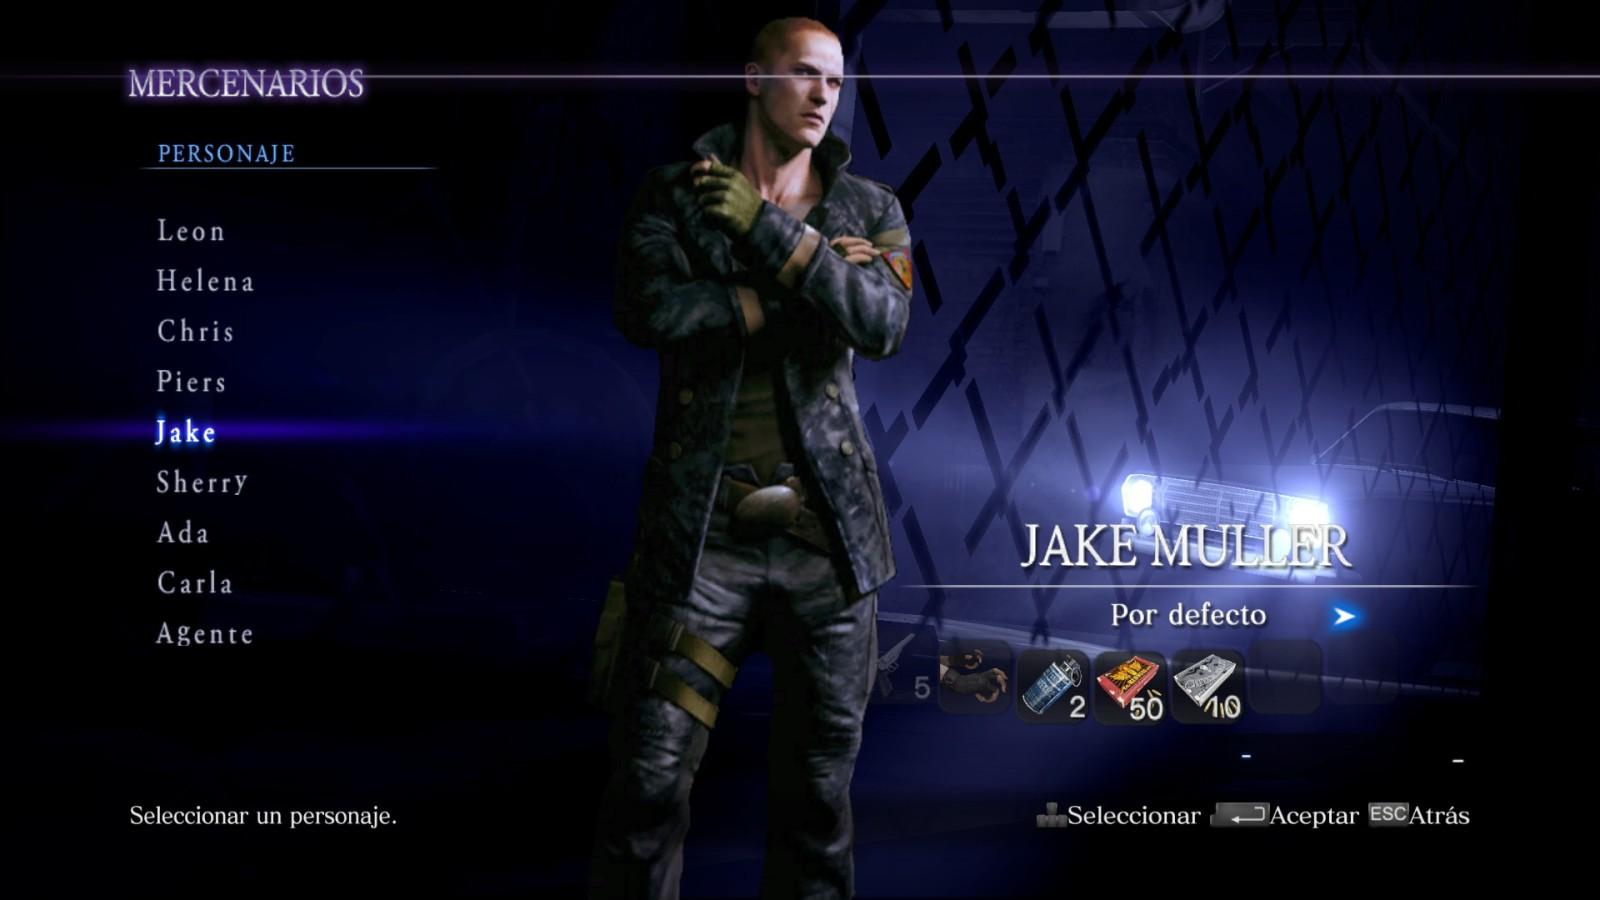 Nuevas imágenes para los personajes (mercenarios) 2quu9mr